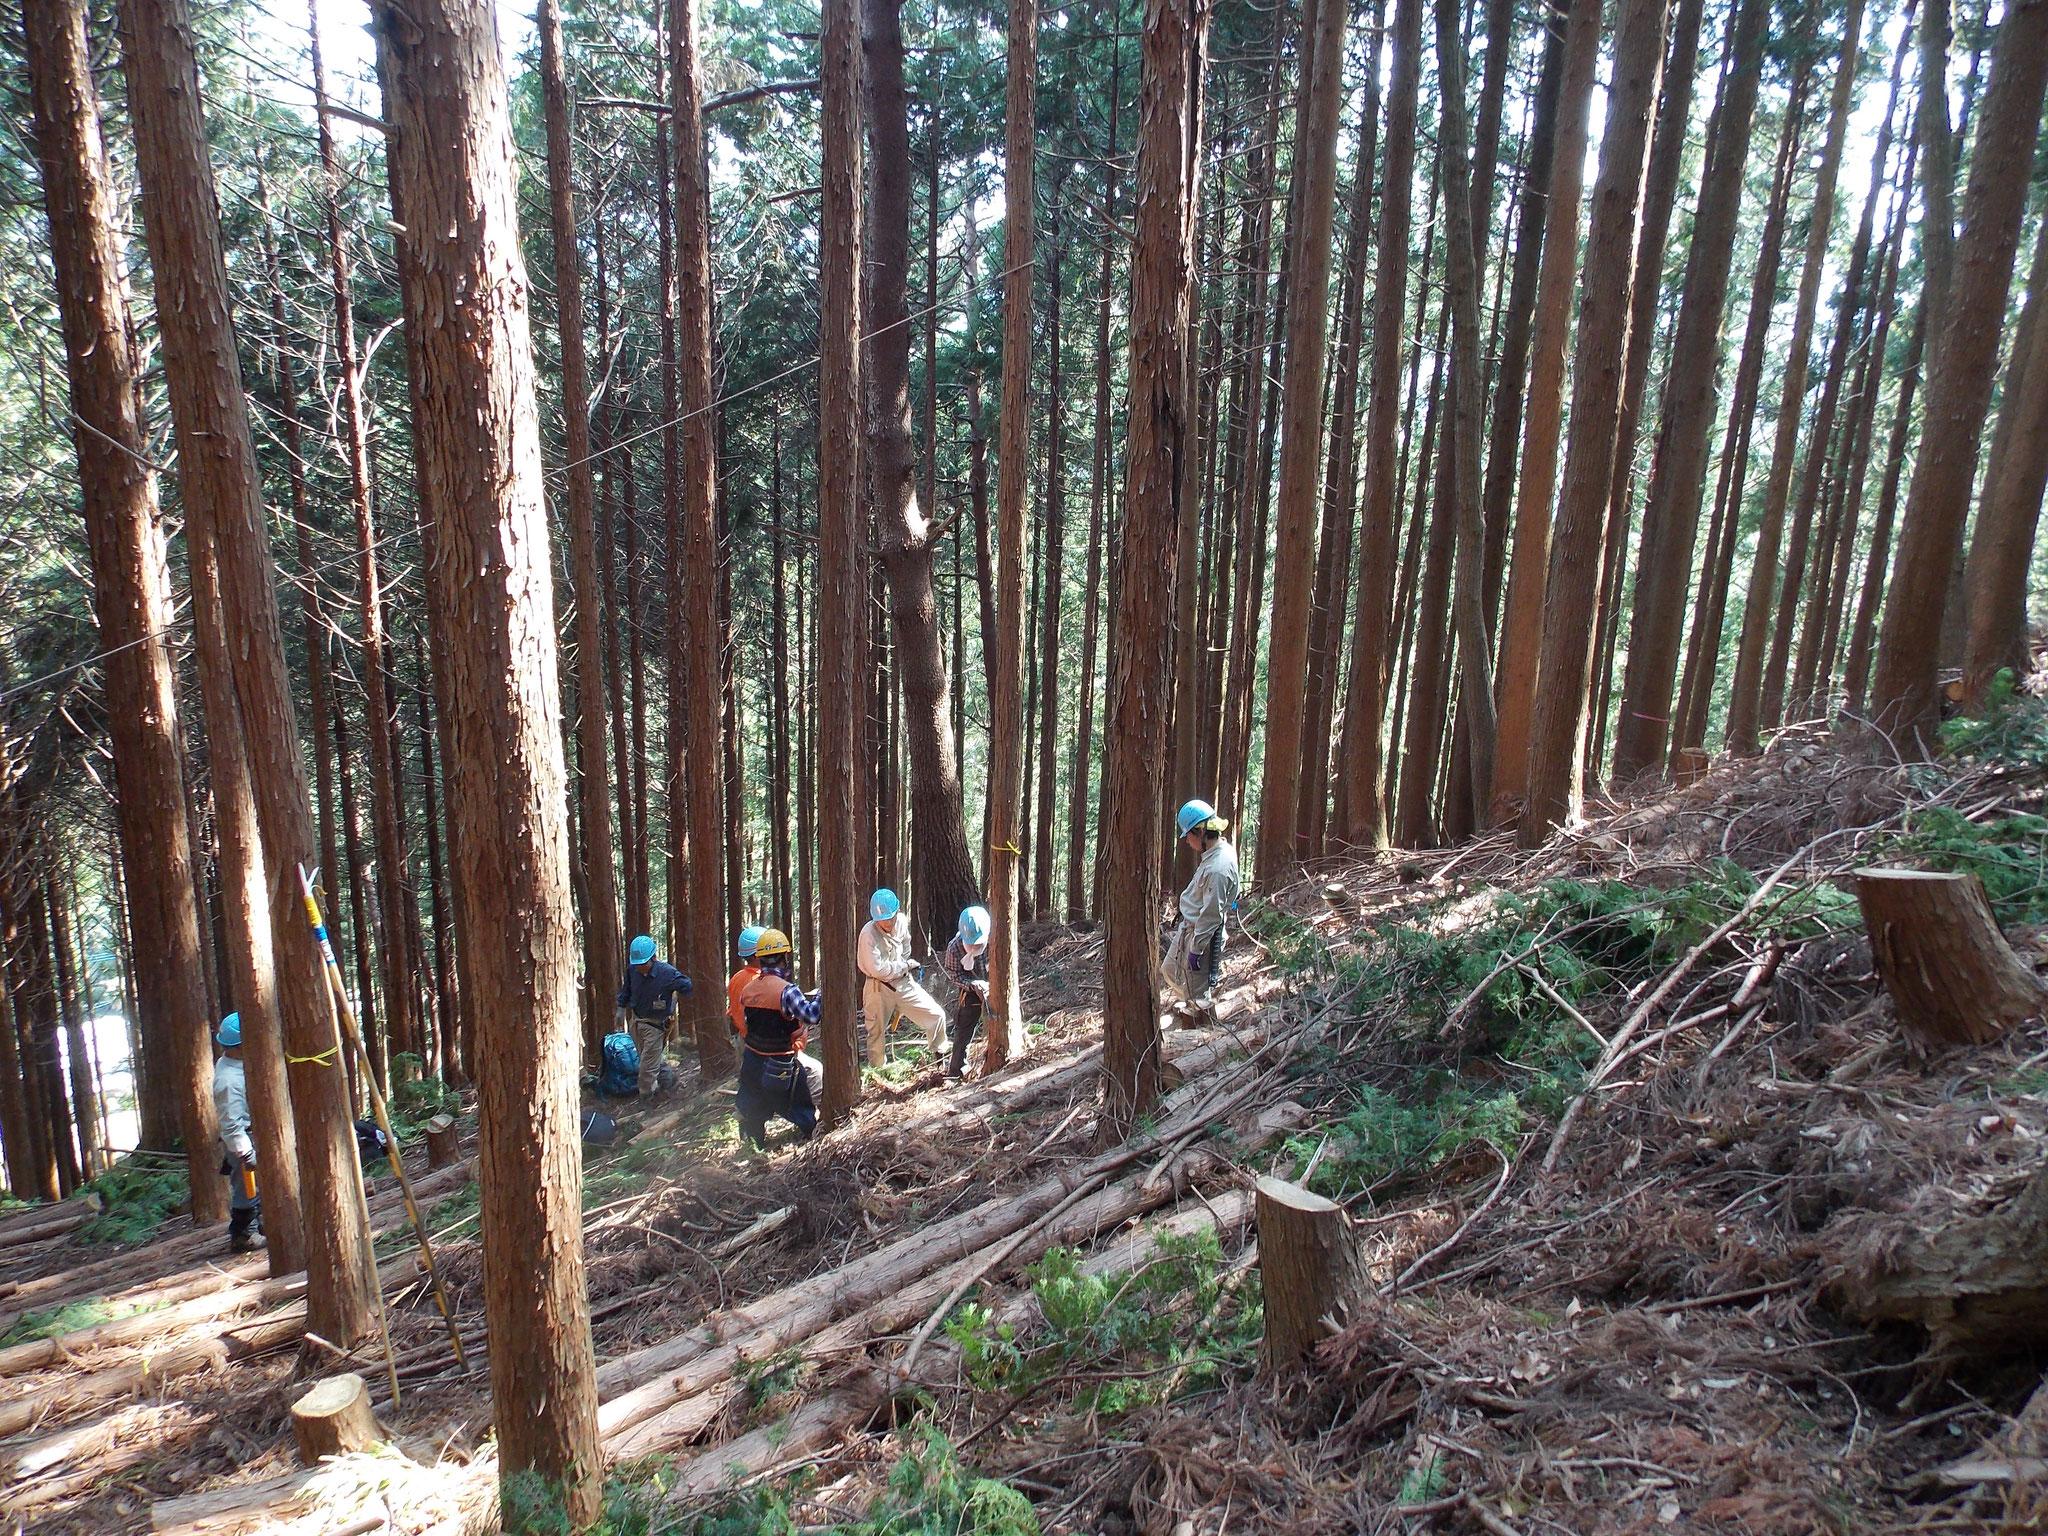 8班間伐風景:急斜面での作業